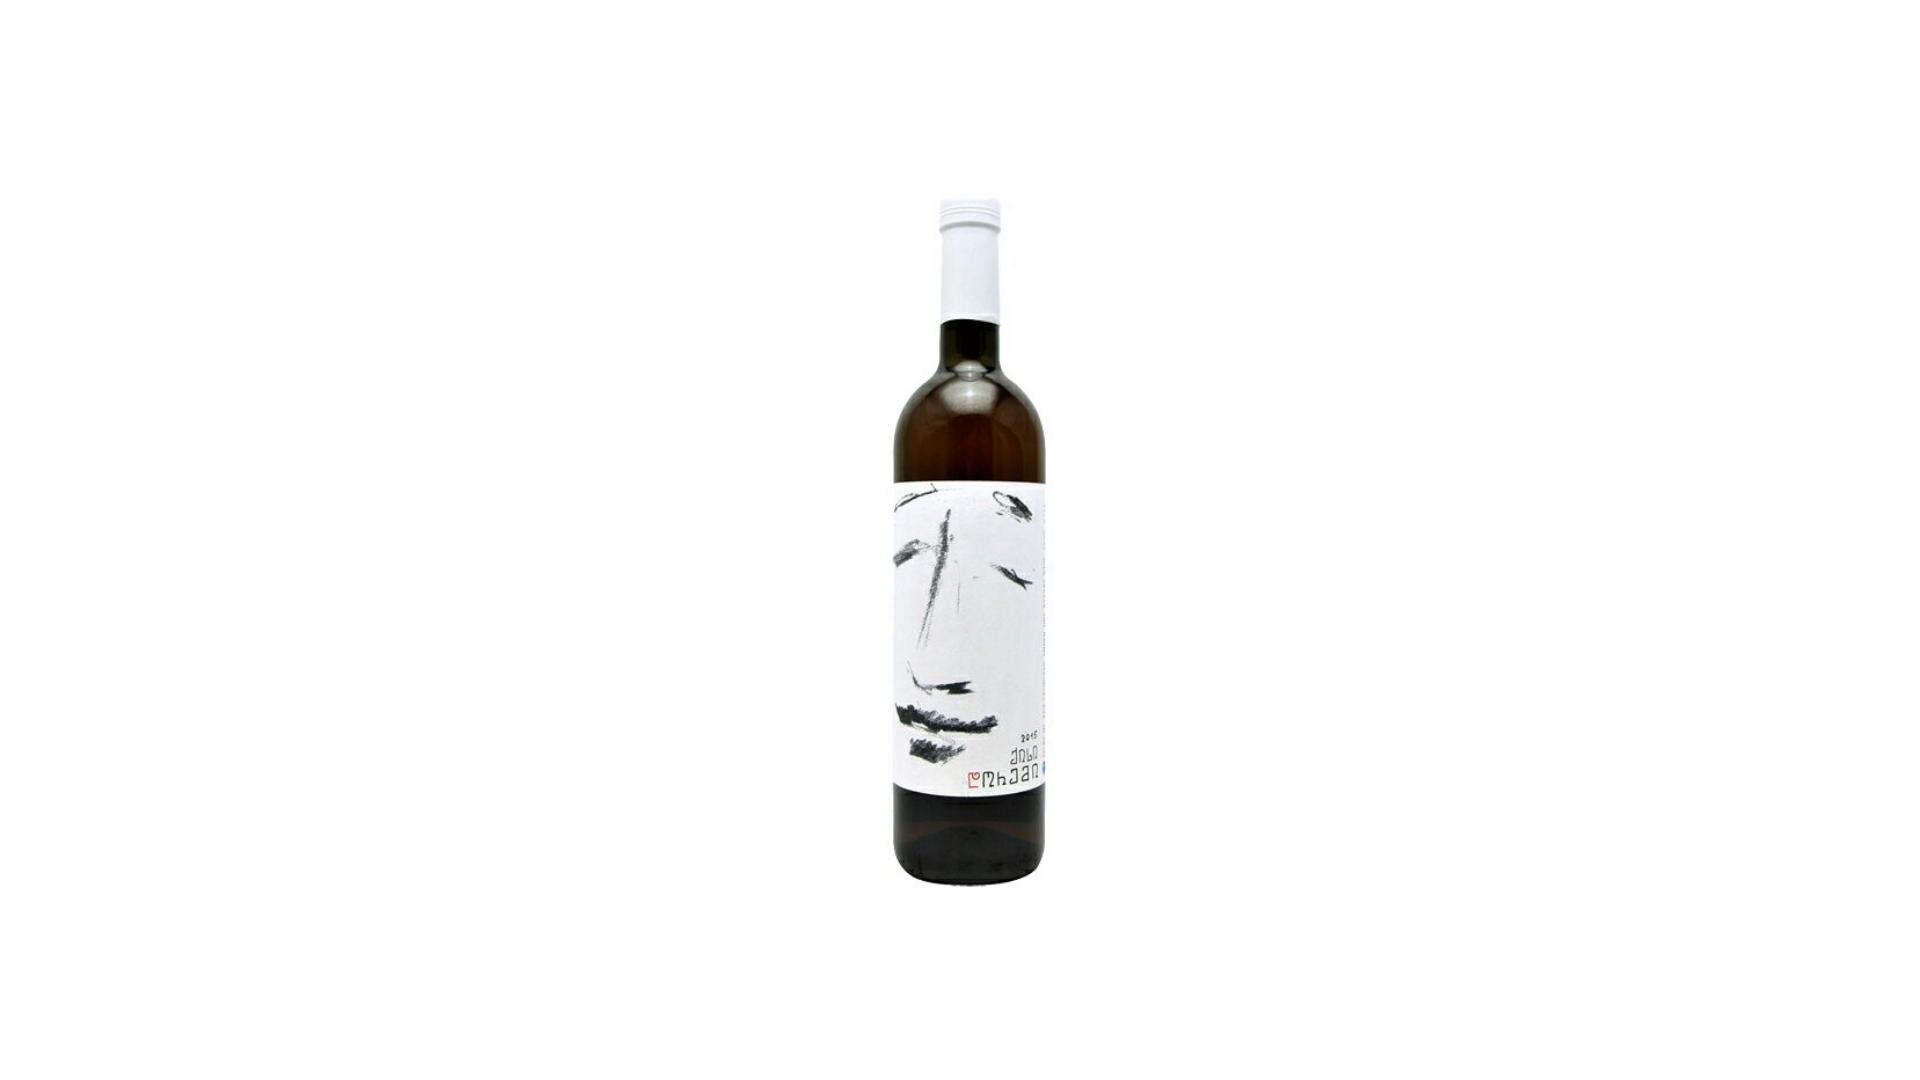 DOREMI wine kisi